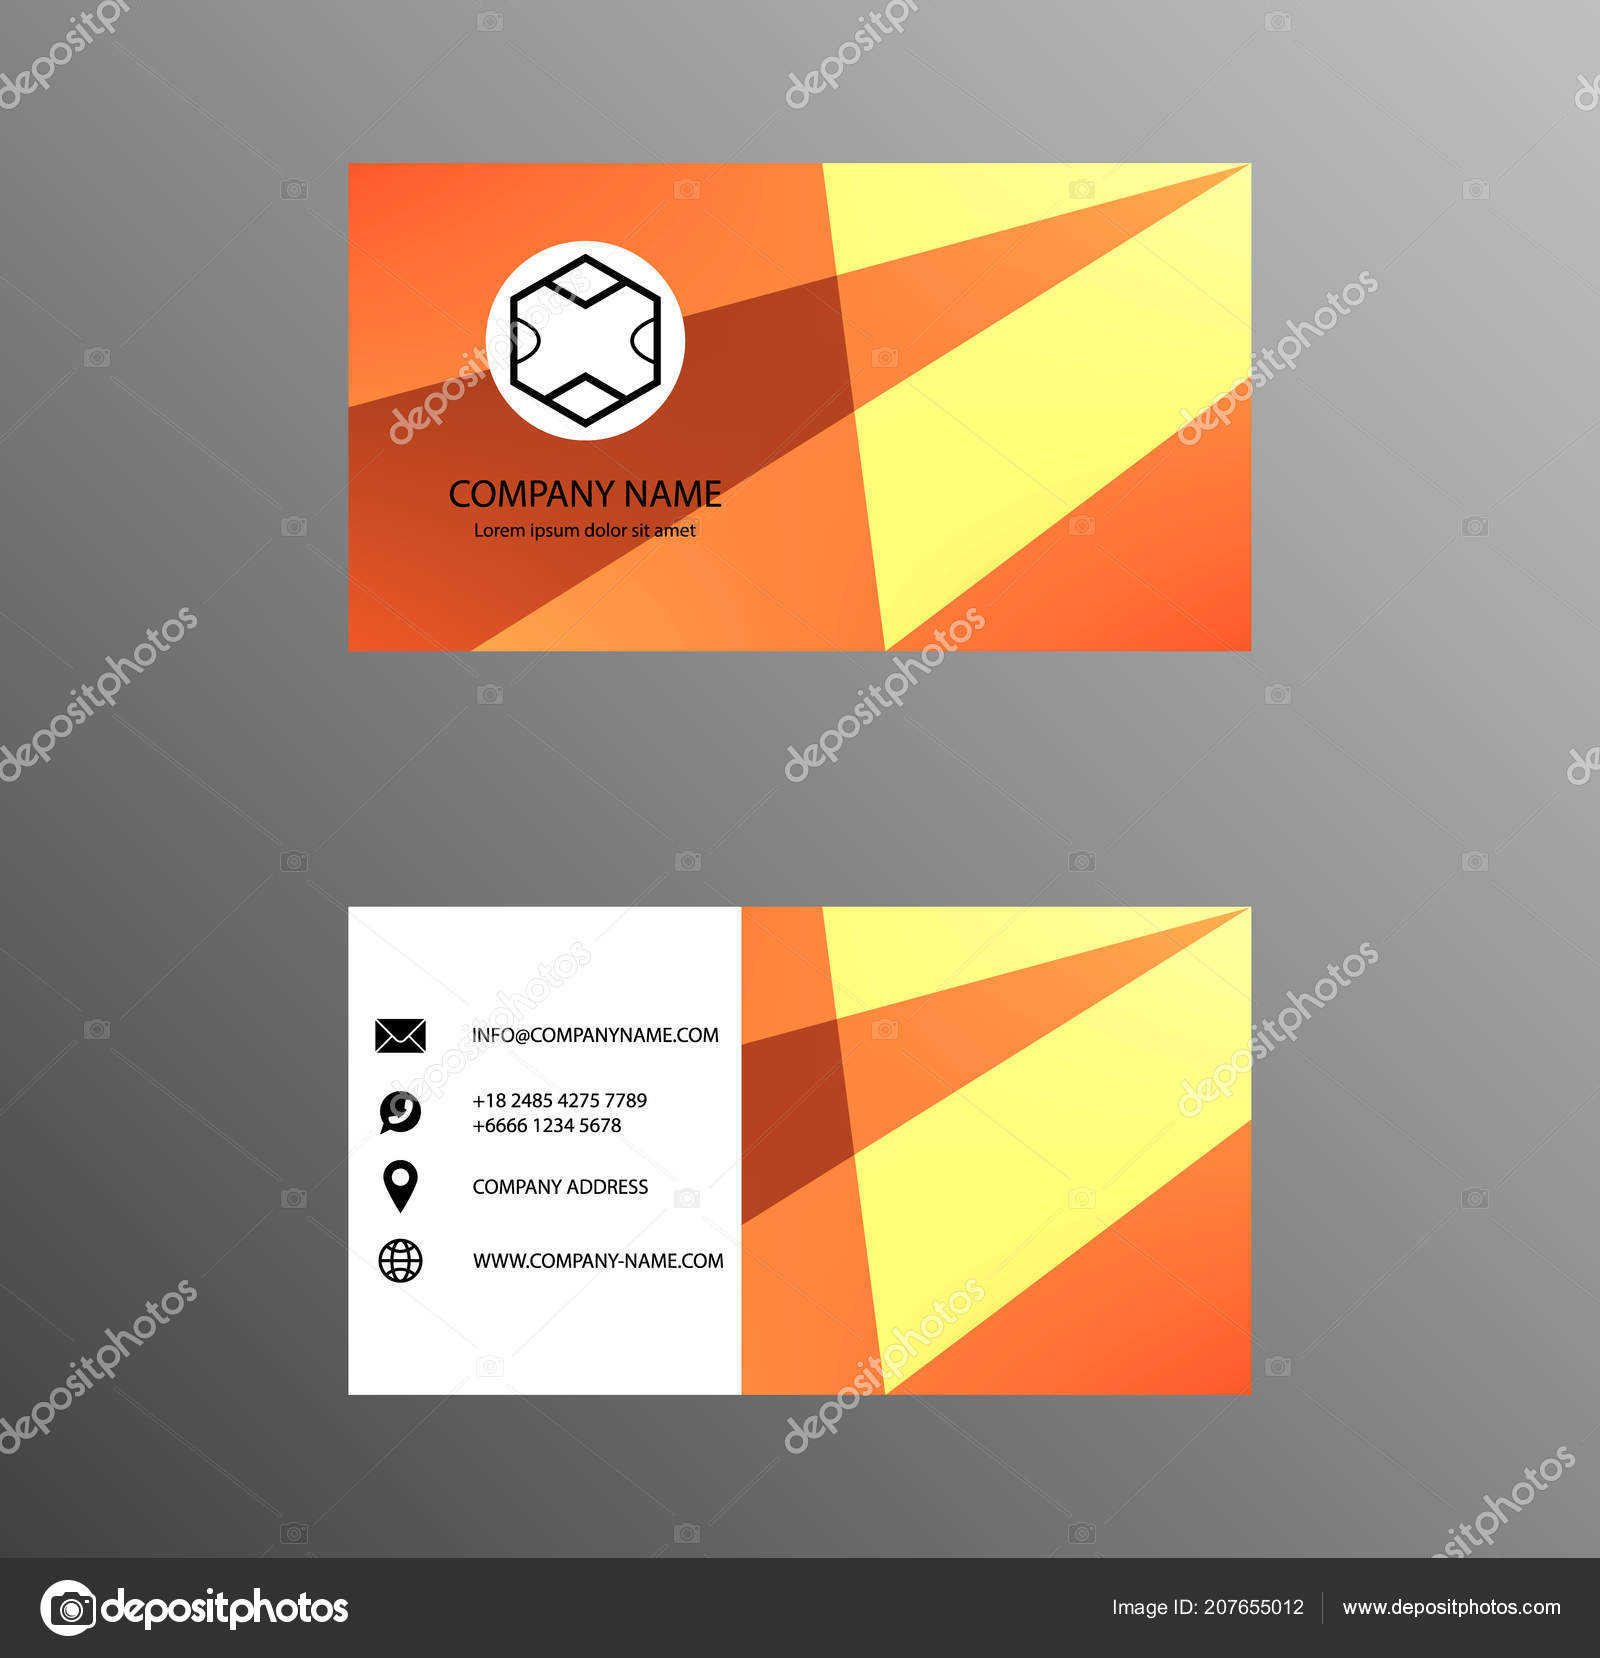 Jeu De Carte Visite Design Couleur Jaune Et Orange Fiche Contact Pour La Socit Bannires Infographie Abstrait Moderne Peint Gomtrique